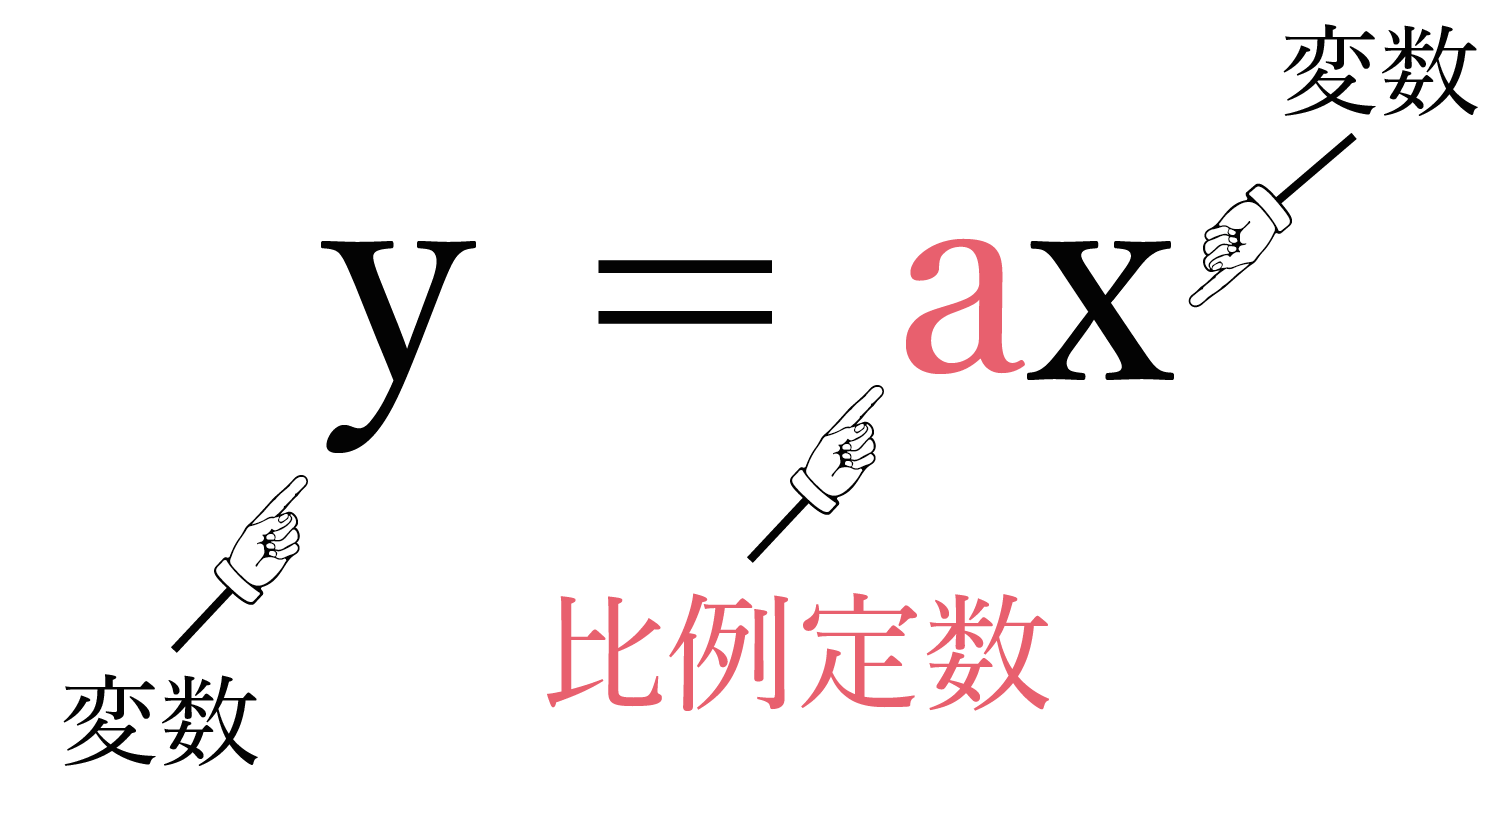 比例 中学数学